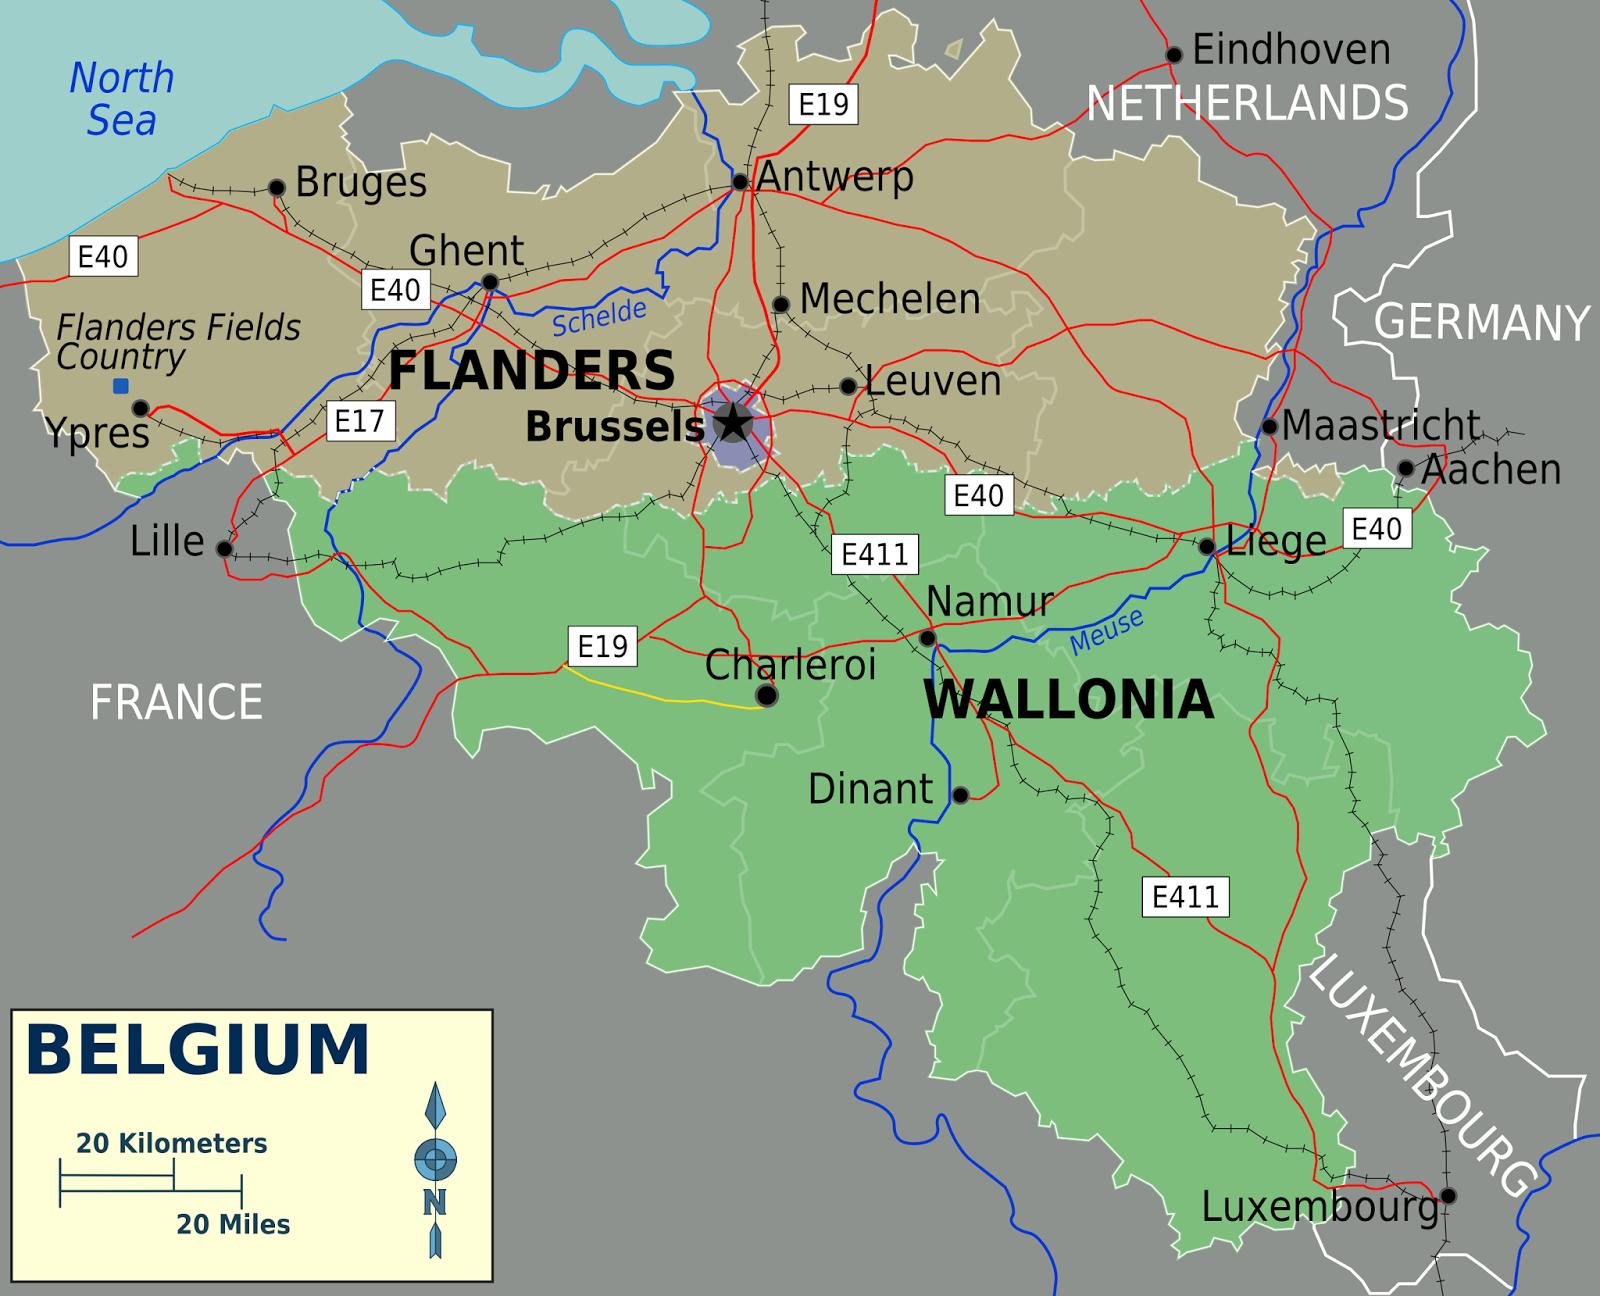 Mapa Flandes. Catalunya. Escocia. Euskal Herria.  Véneto. Independencia, referendum o consulta y derecho de autodeterminación.